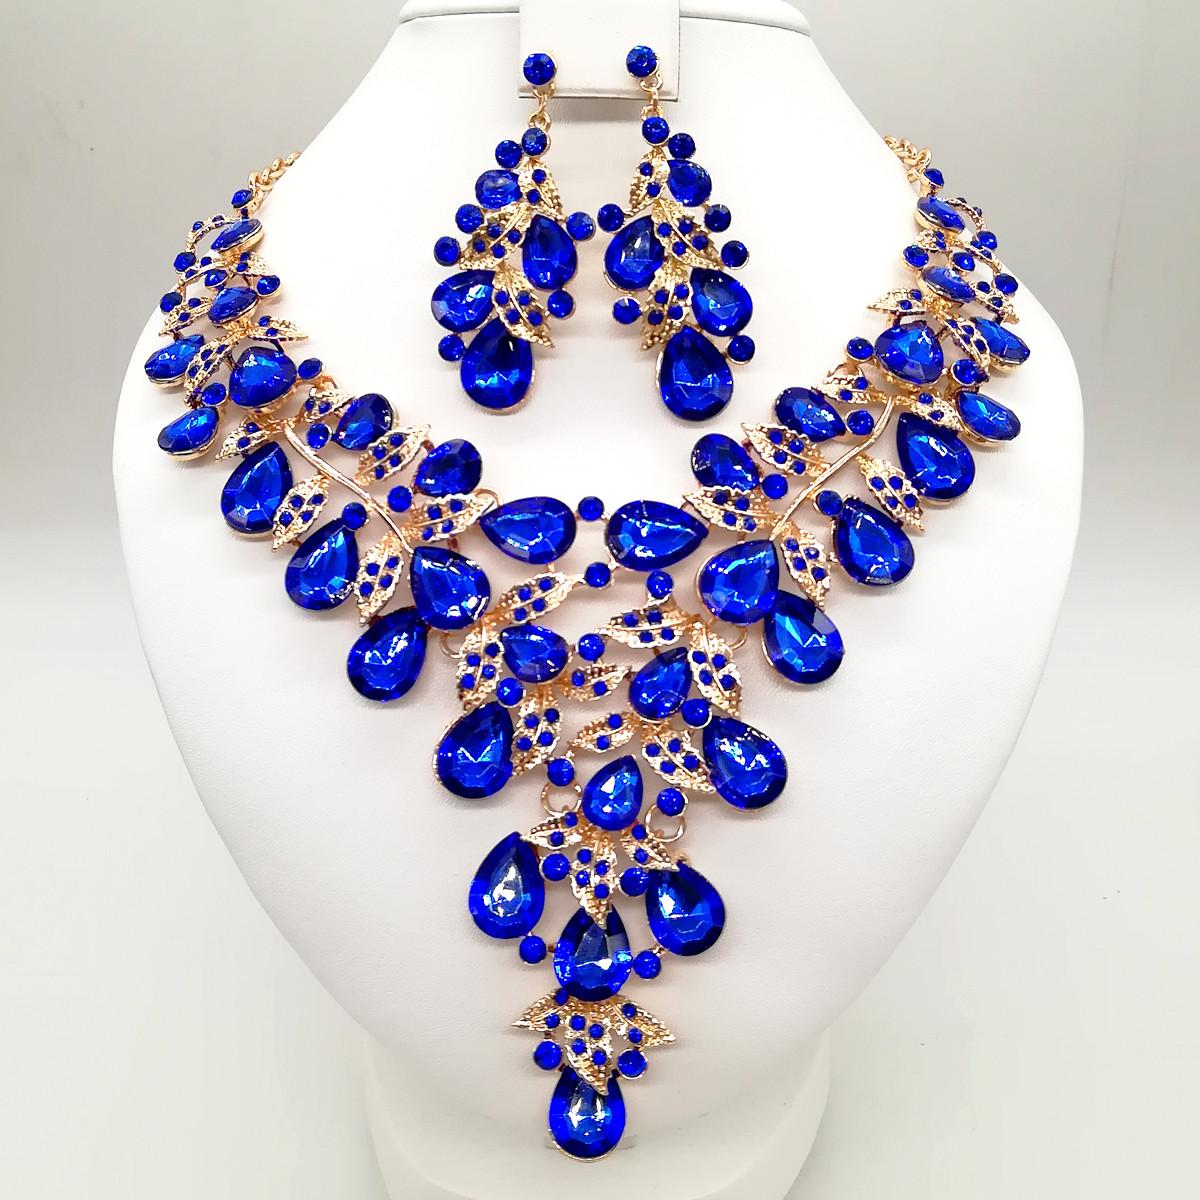 Комплект SONATA (Колье + серьги), ярко-синие камни, 63328       (1)